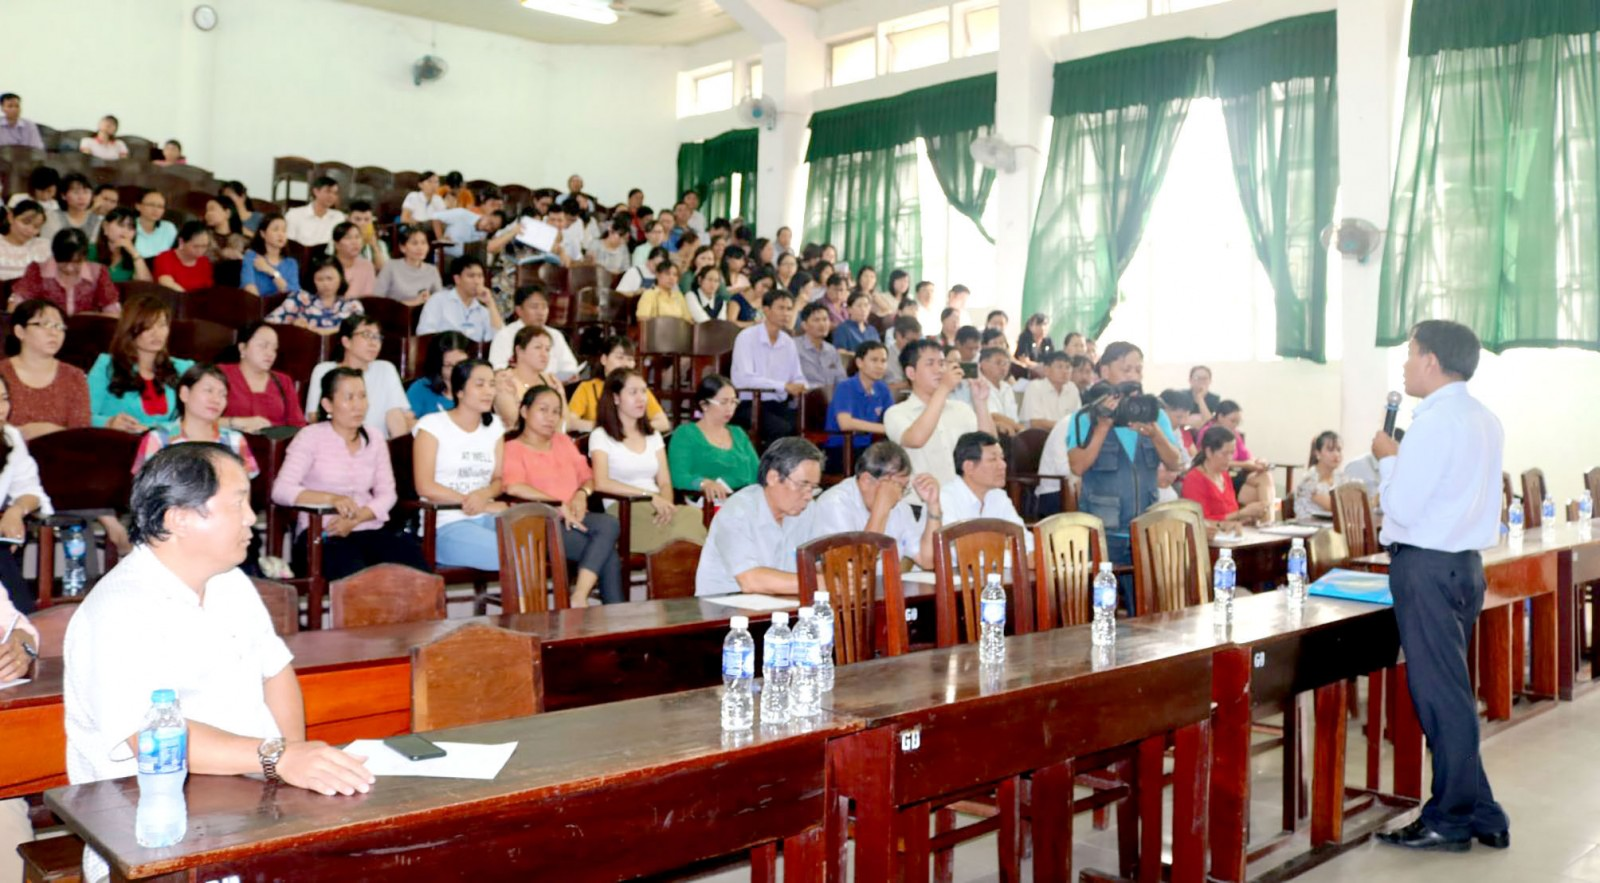 Cán bộ, giảng viên Trường Cao đẳng Cần Thơ tham gia tập huấn Quy chế thi THPT Quốc gia năm 2019.